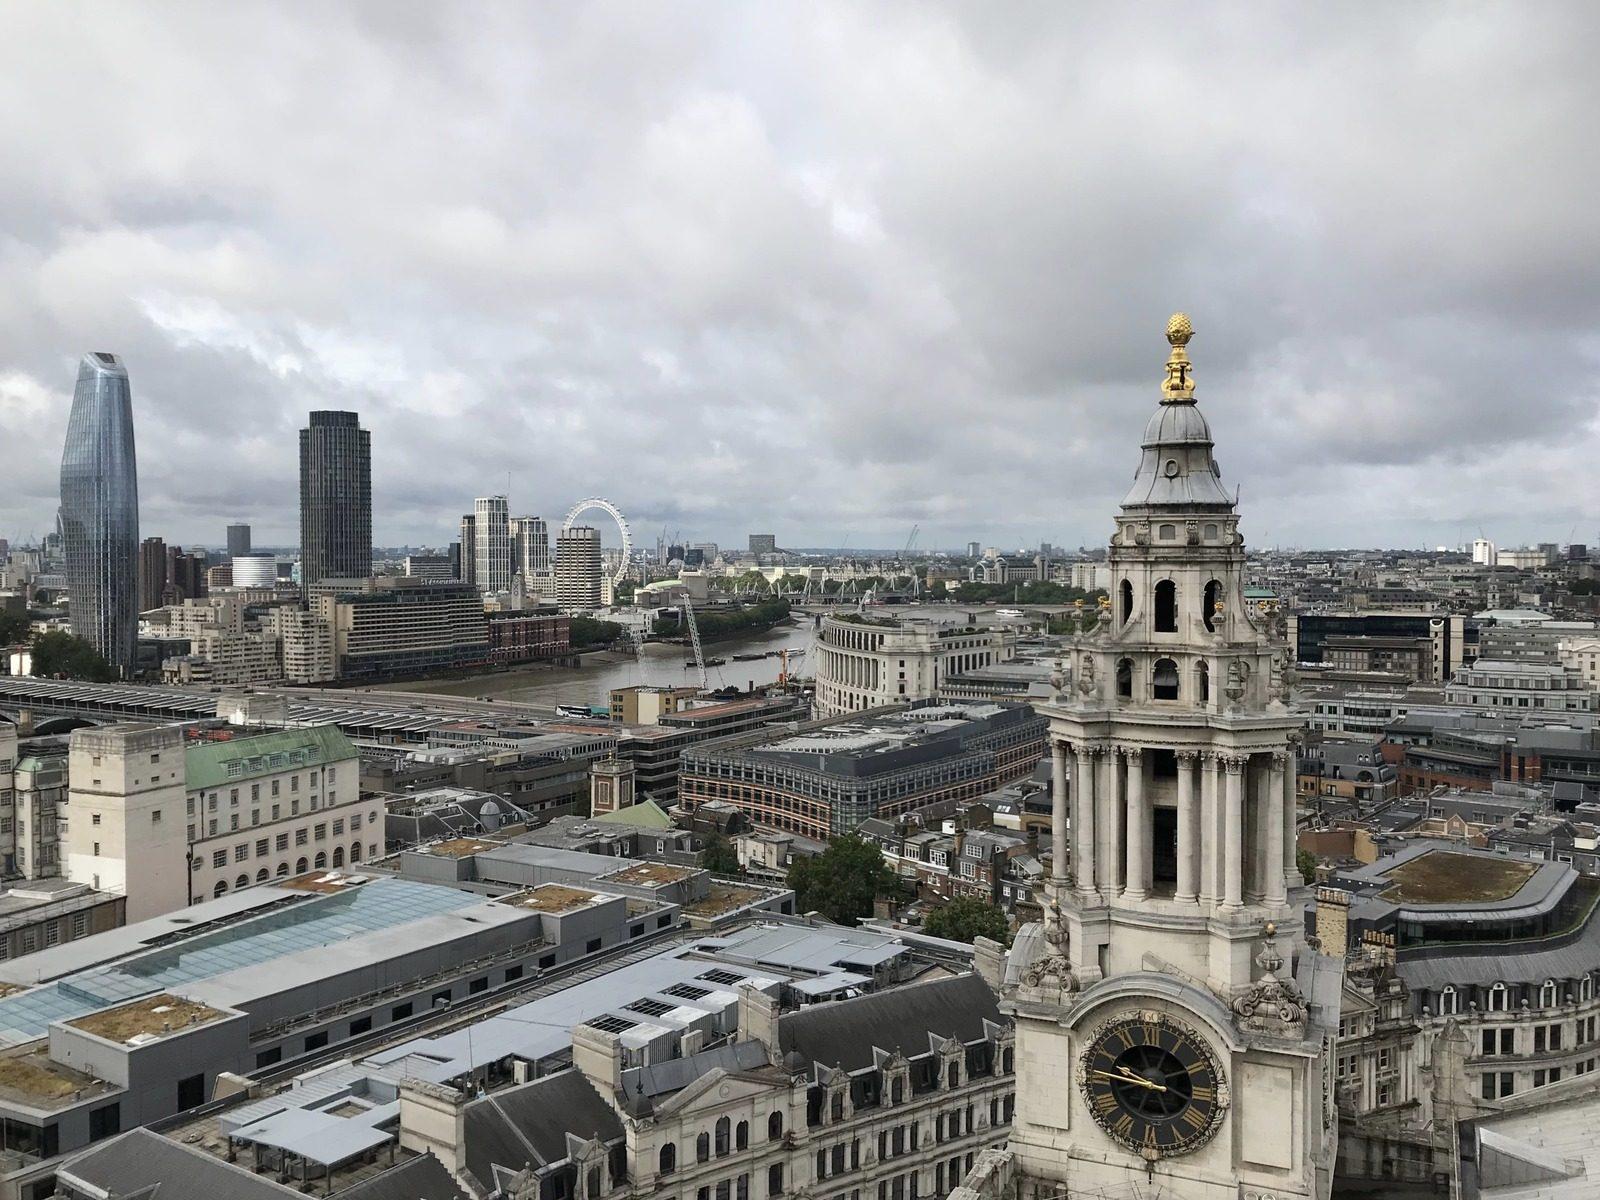 Vue de Londres St Paul's Cathedral